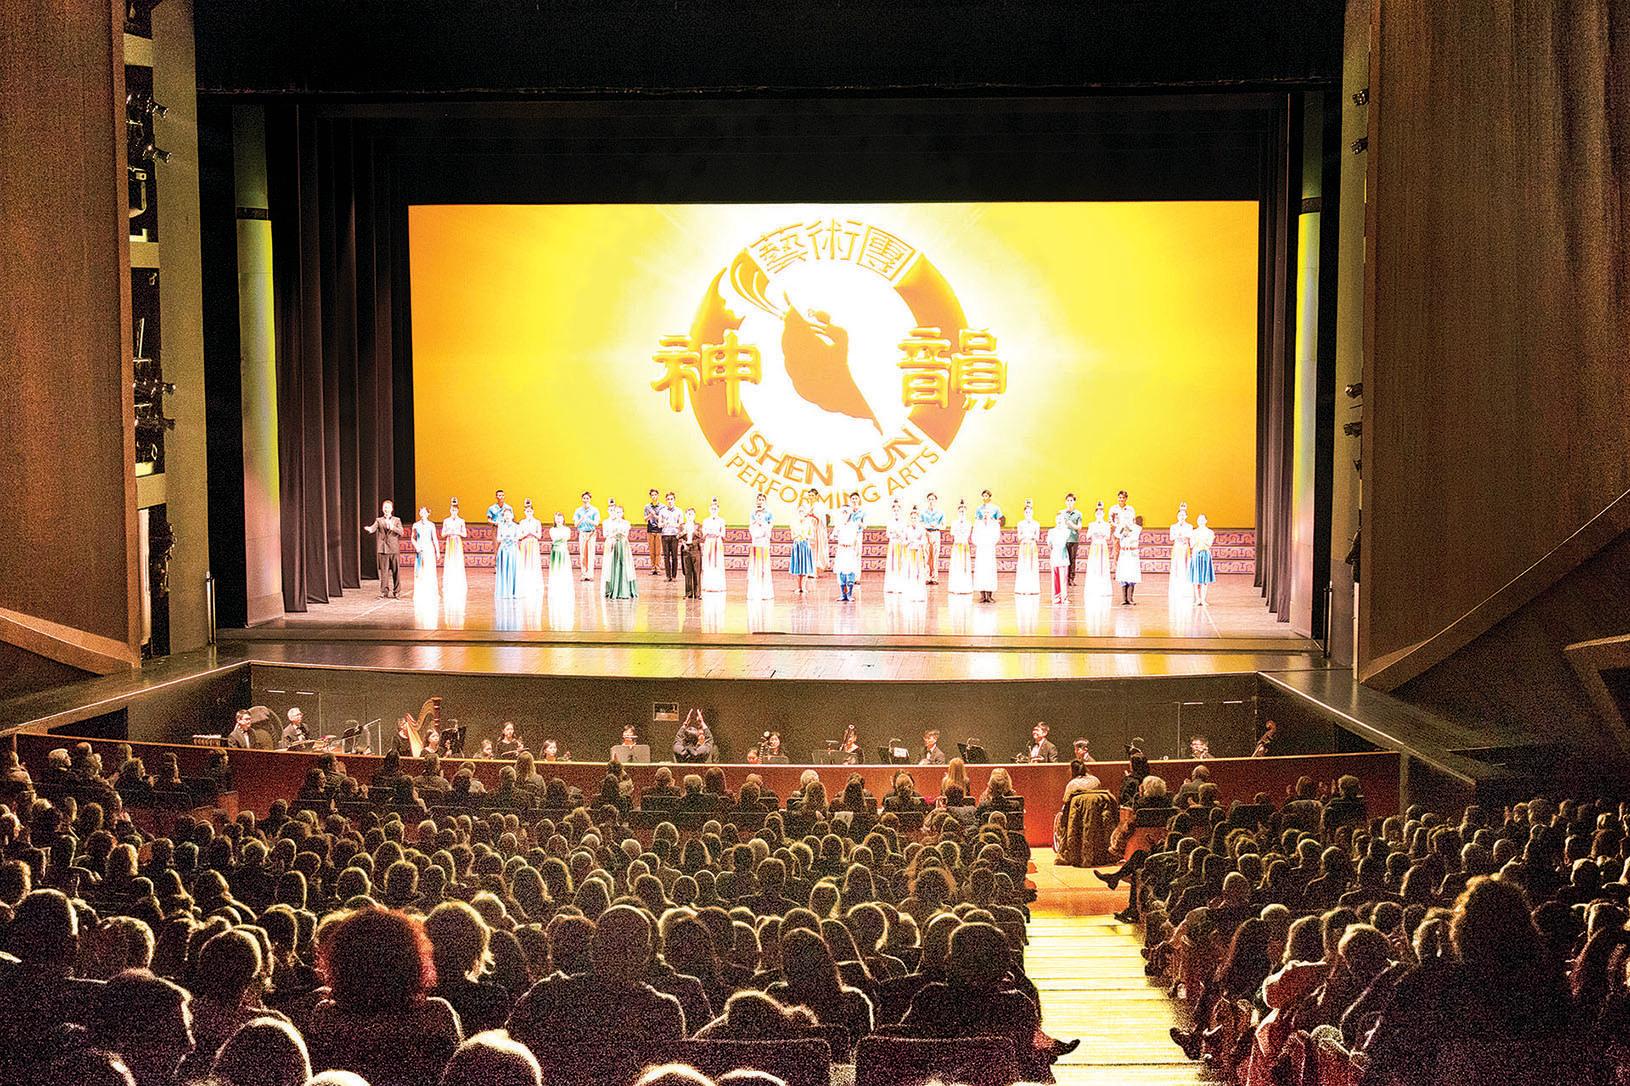 12月27日,神韻巡迴藝術團在佛羅倫斯五月音樂節劇院首場演出現場。(Mario Iacob/大紀元)